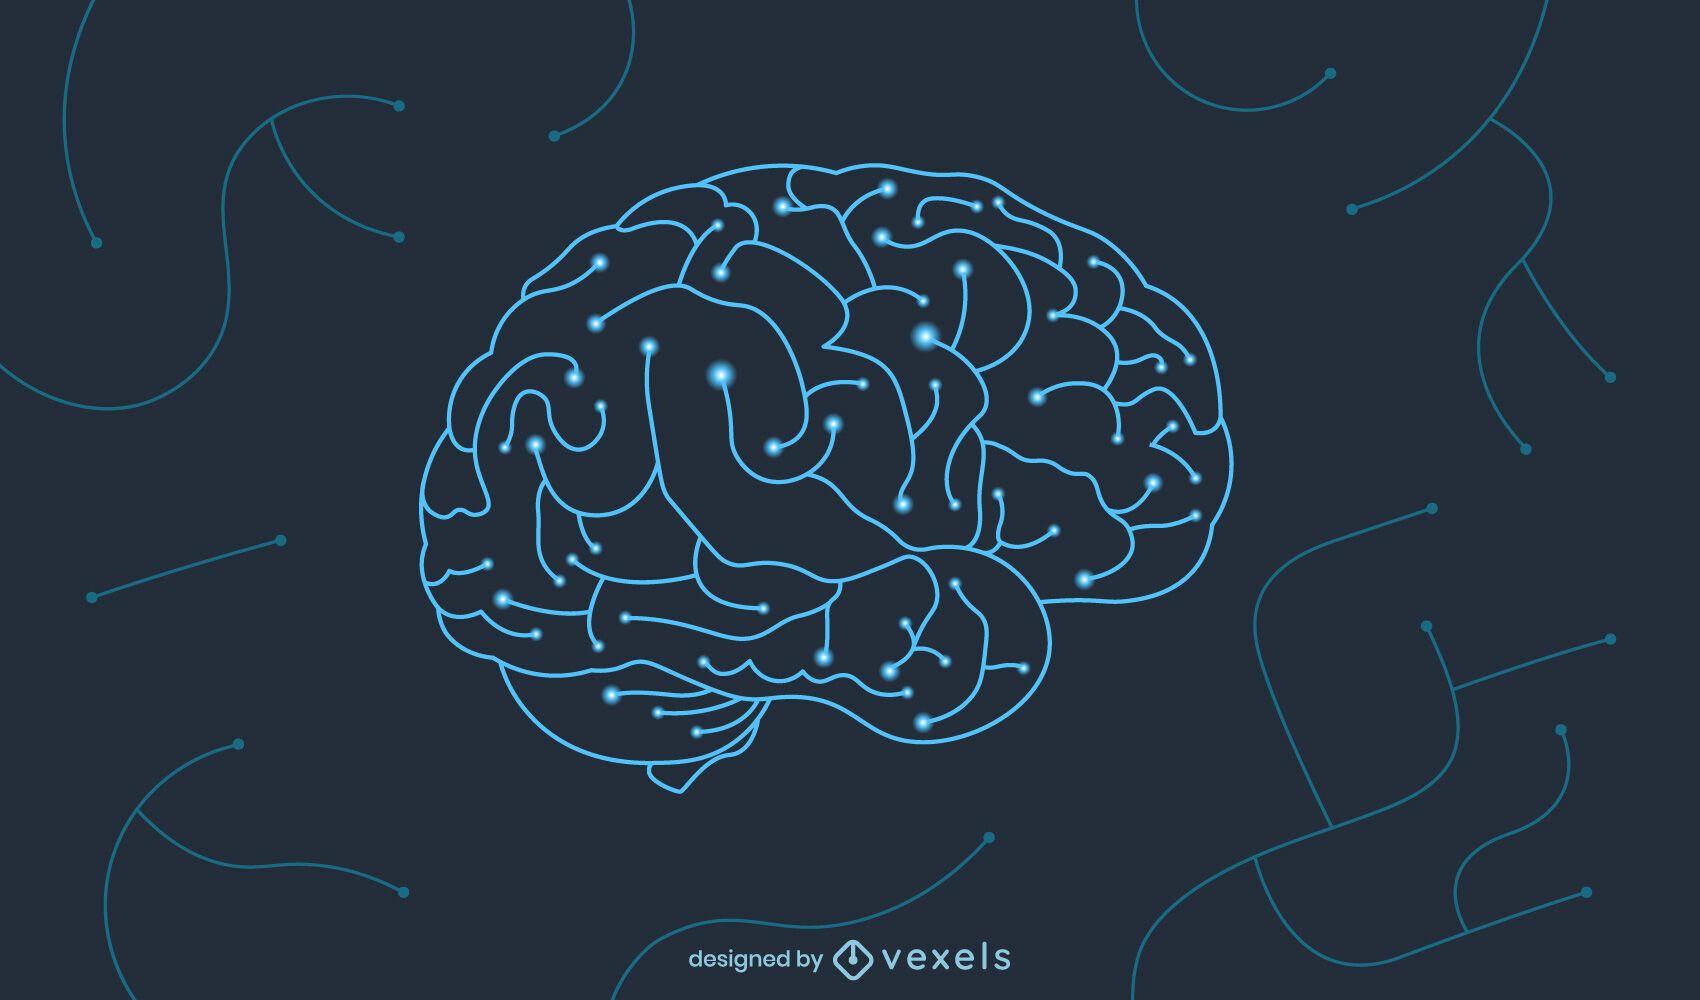 Brain circuit illustration design